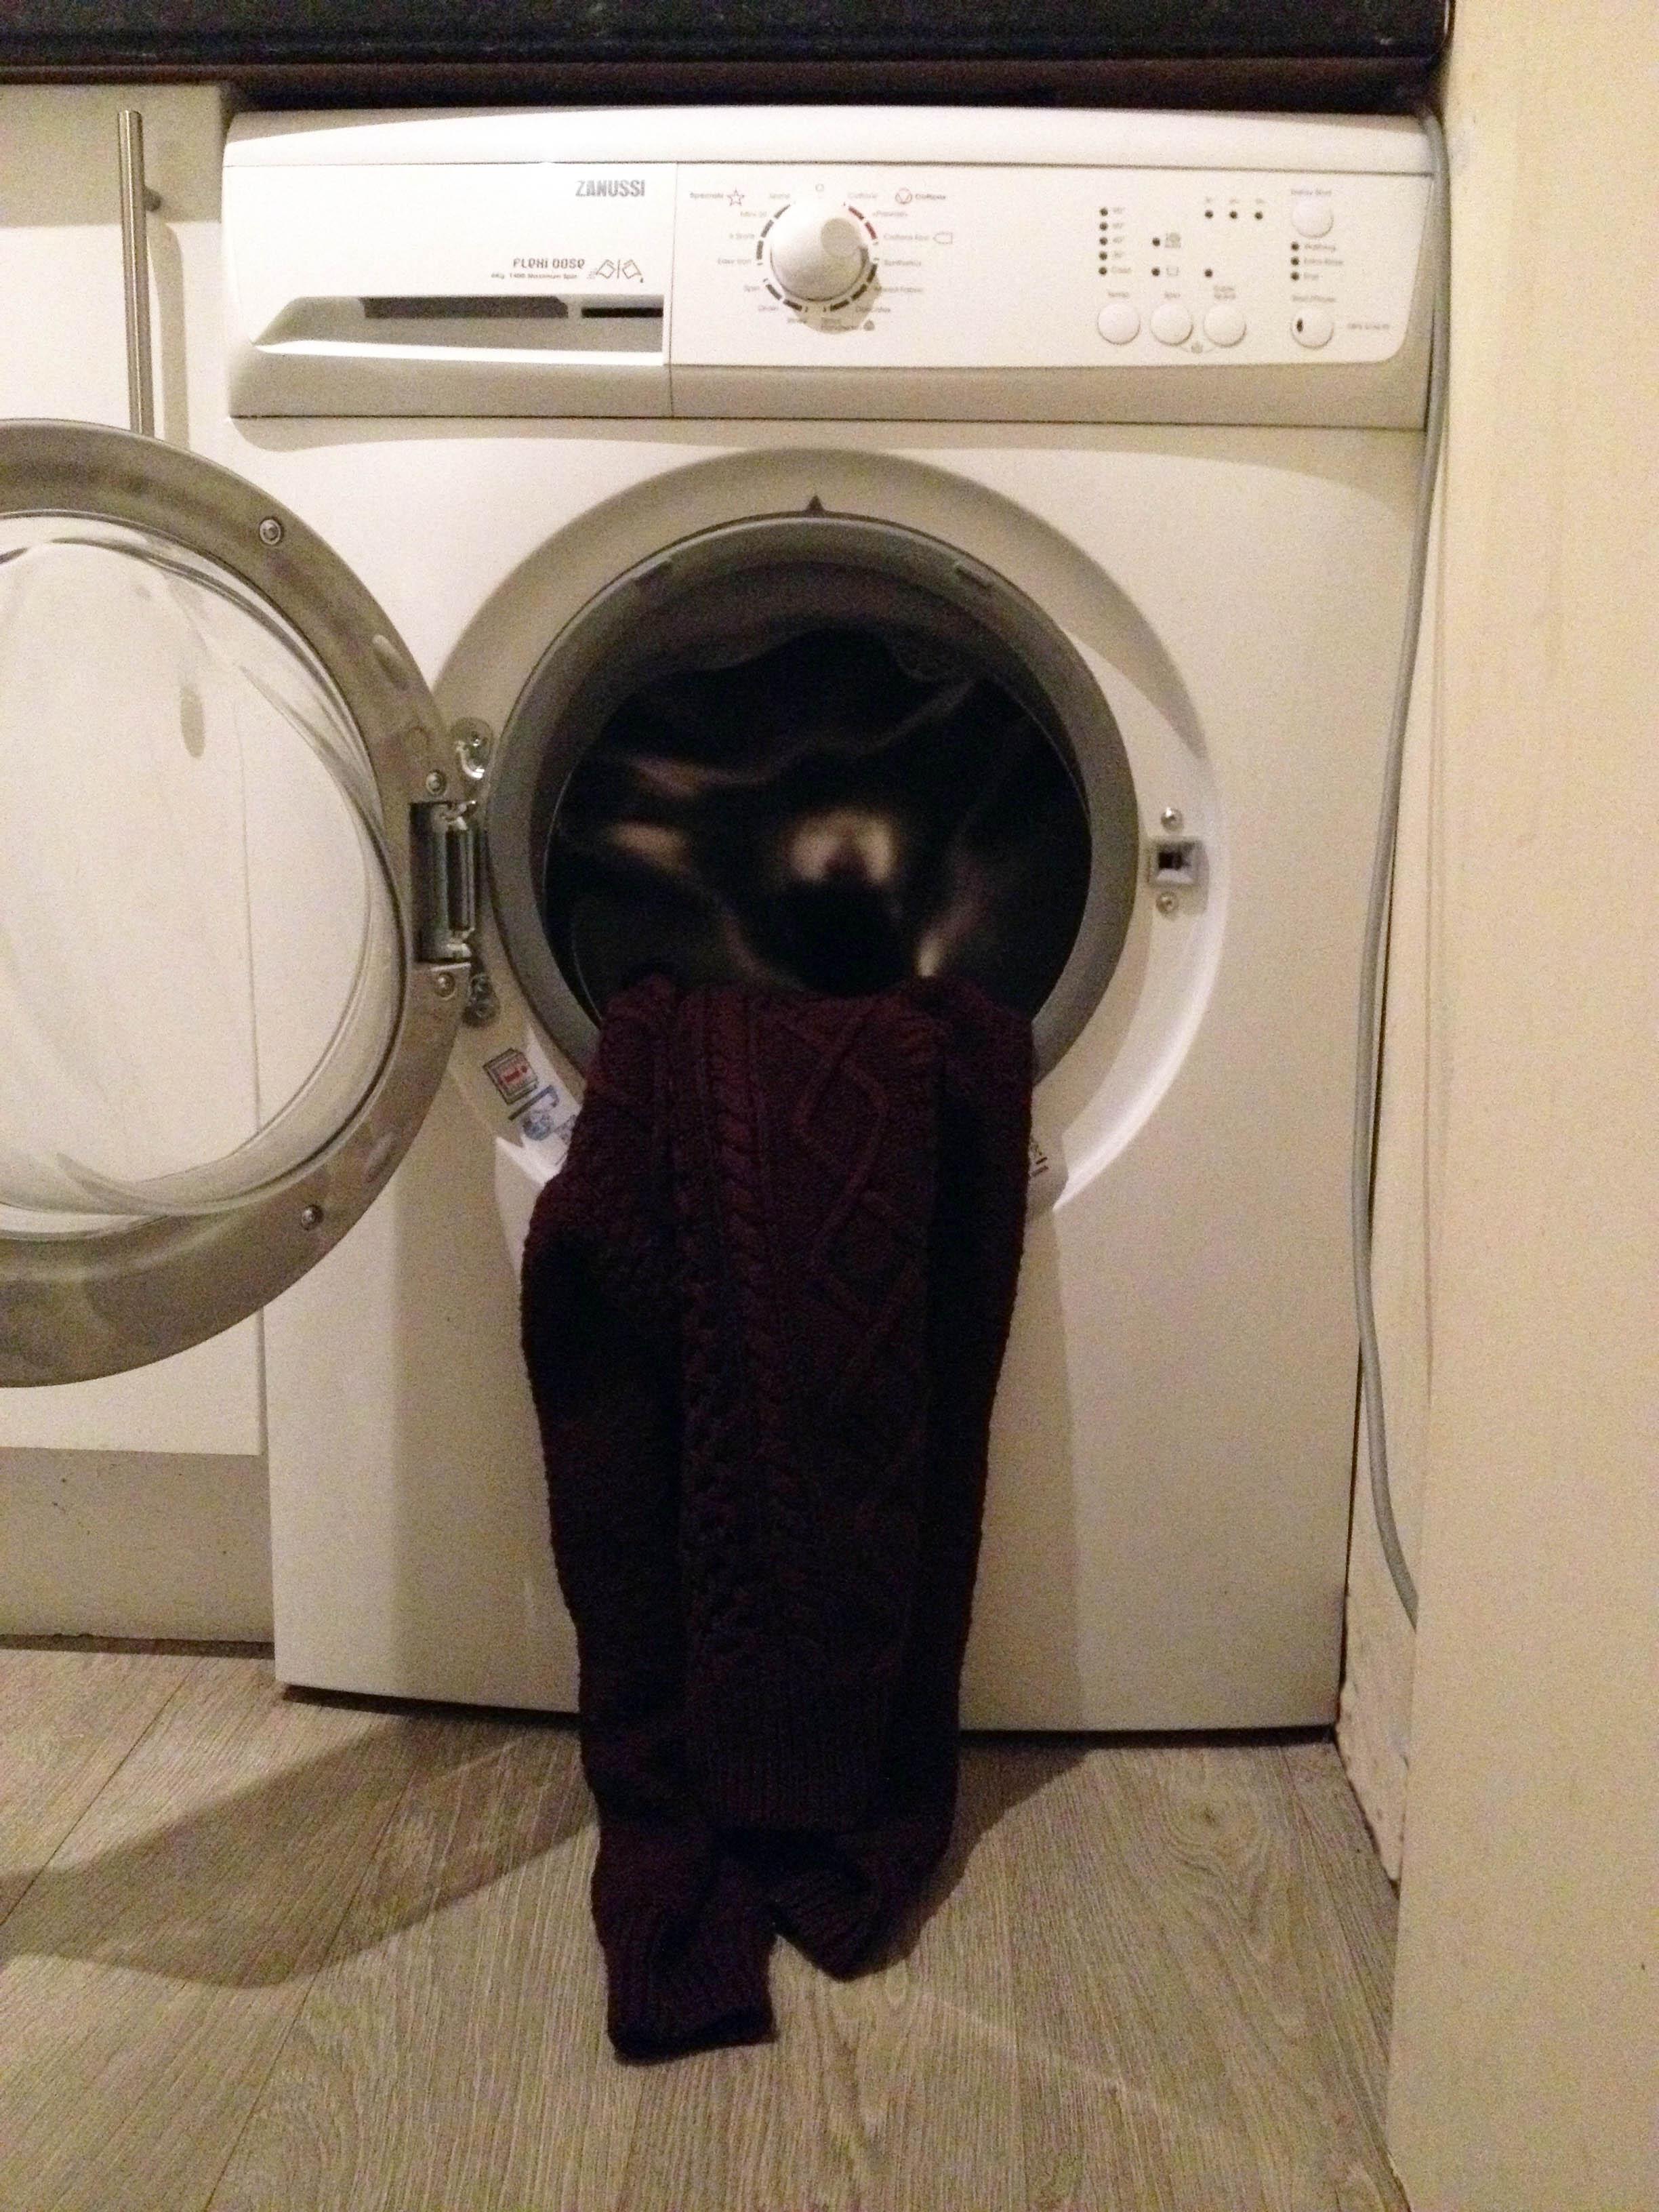 My washing machine